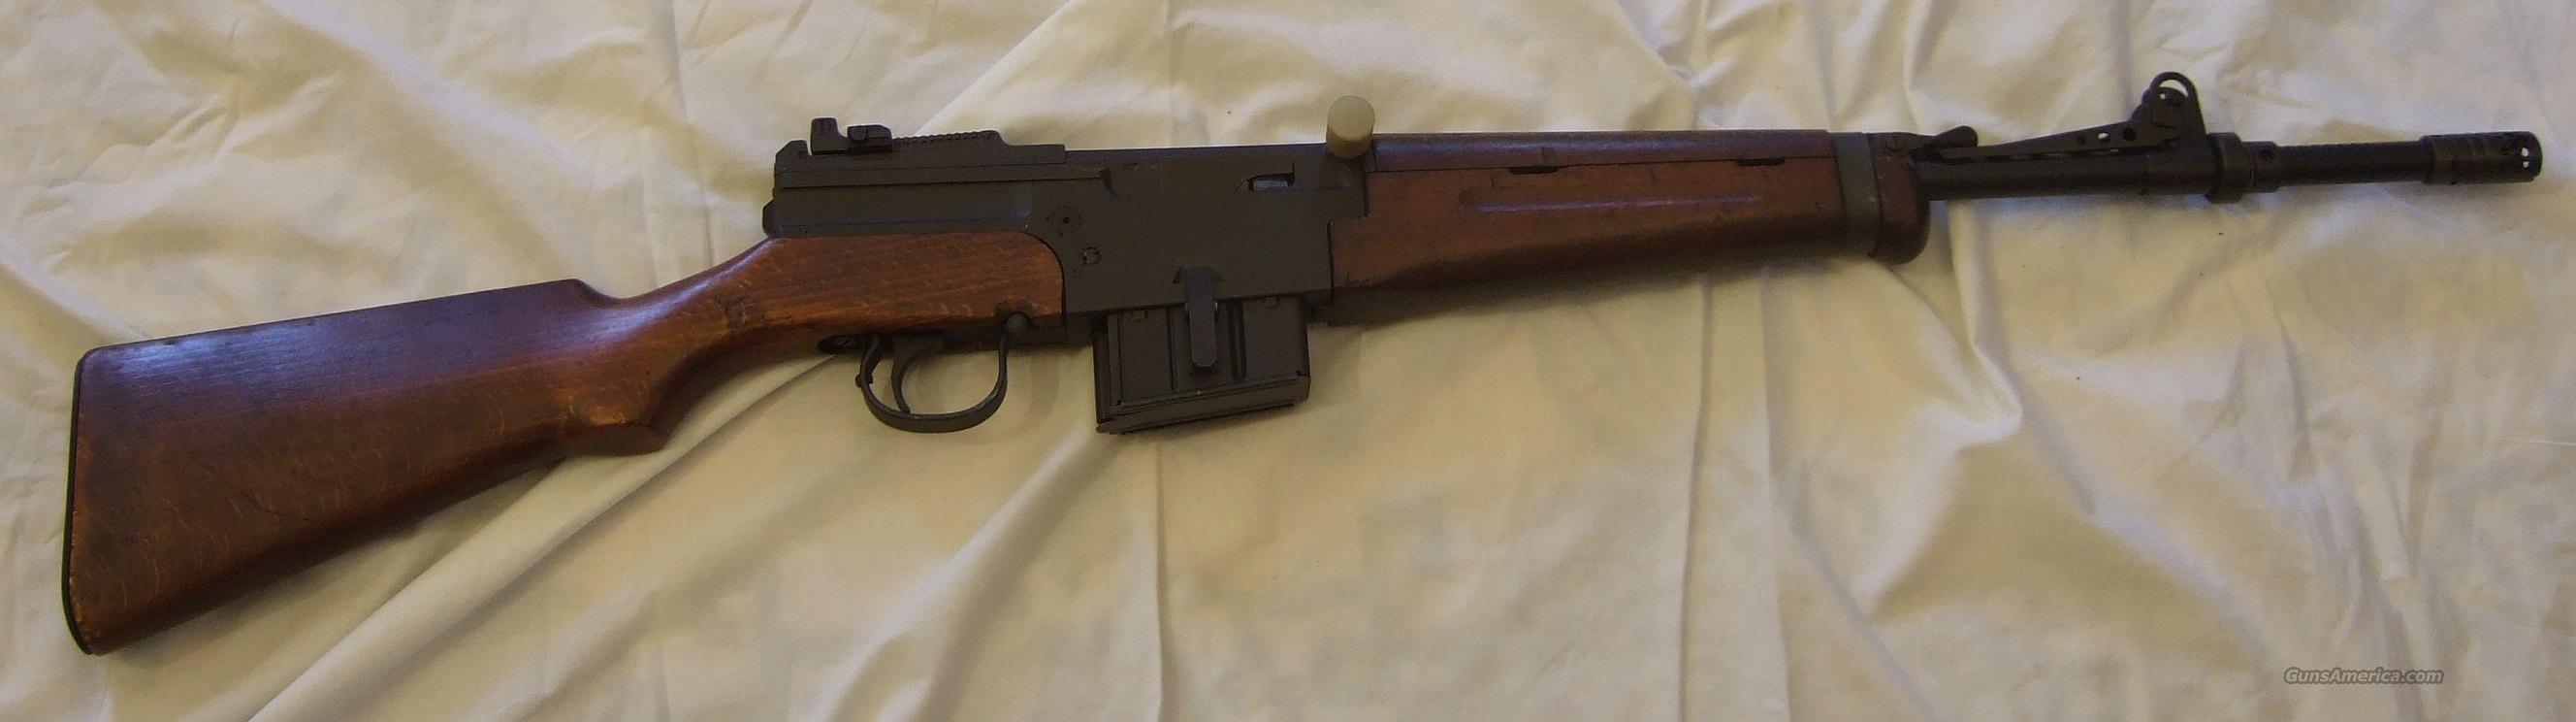 French MAS 49/56  Guns > Rifles > Military Misc. Rifles Non-US > FrenchMAS